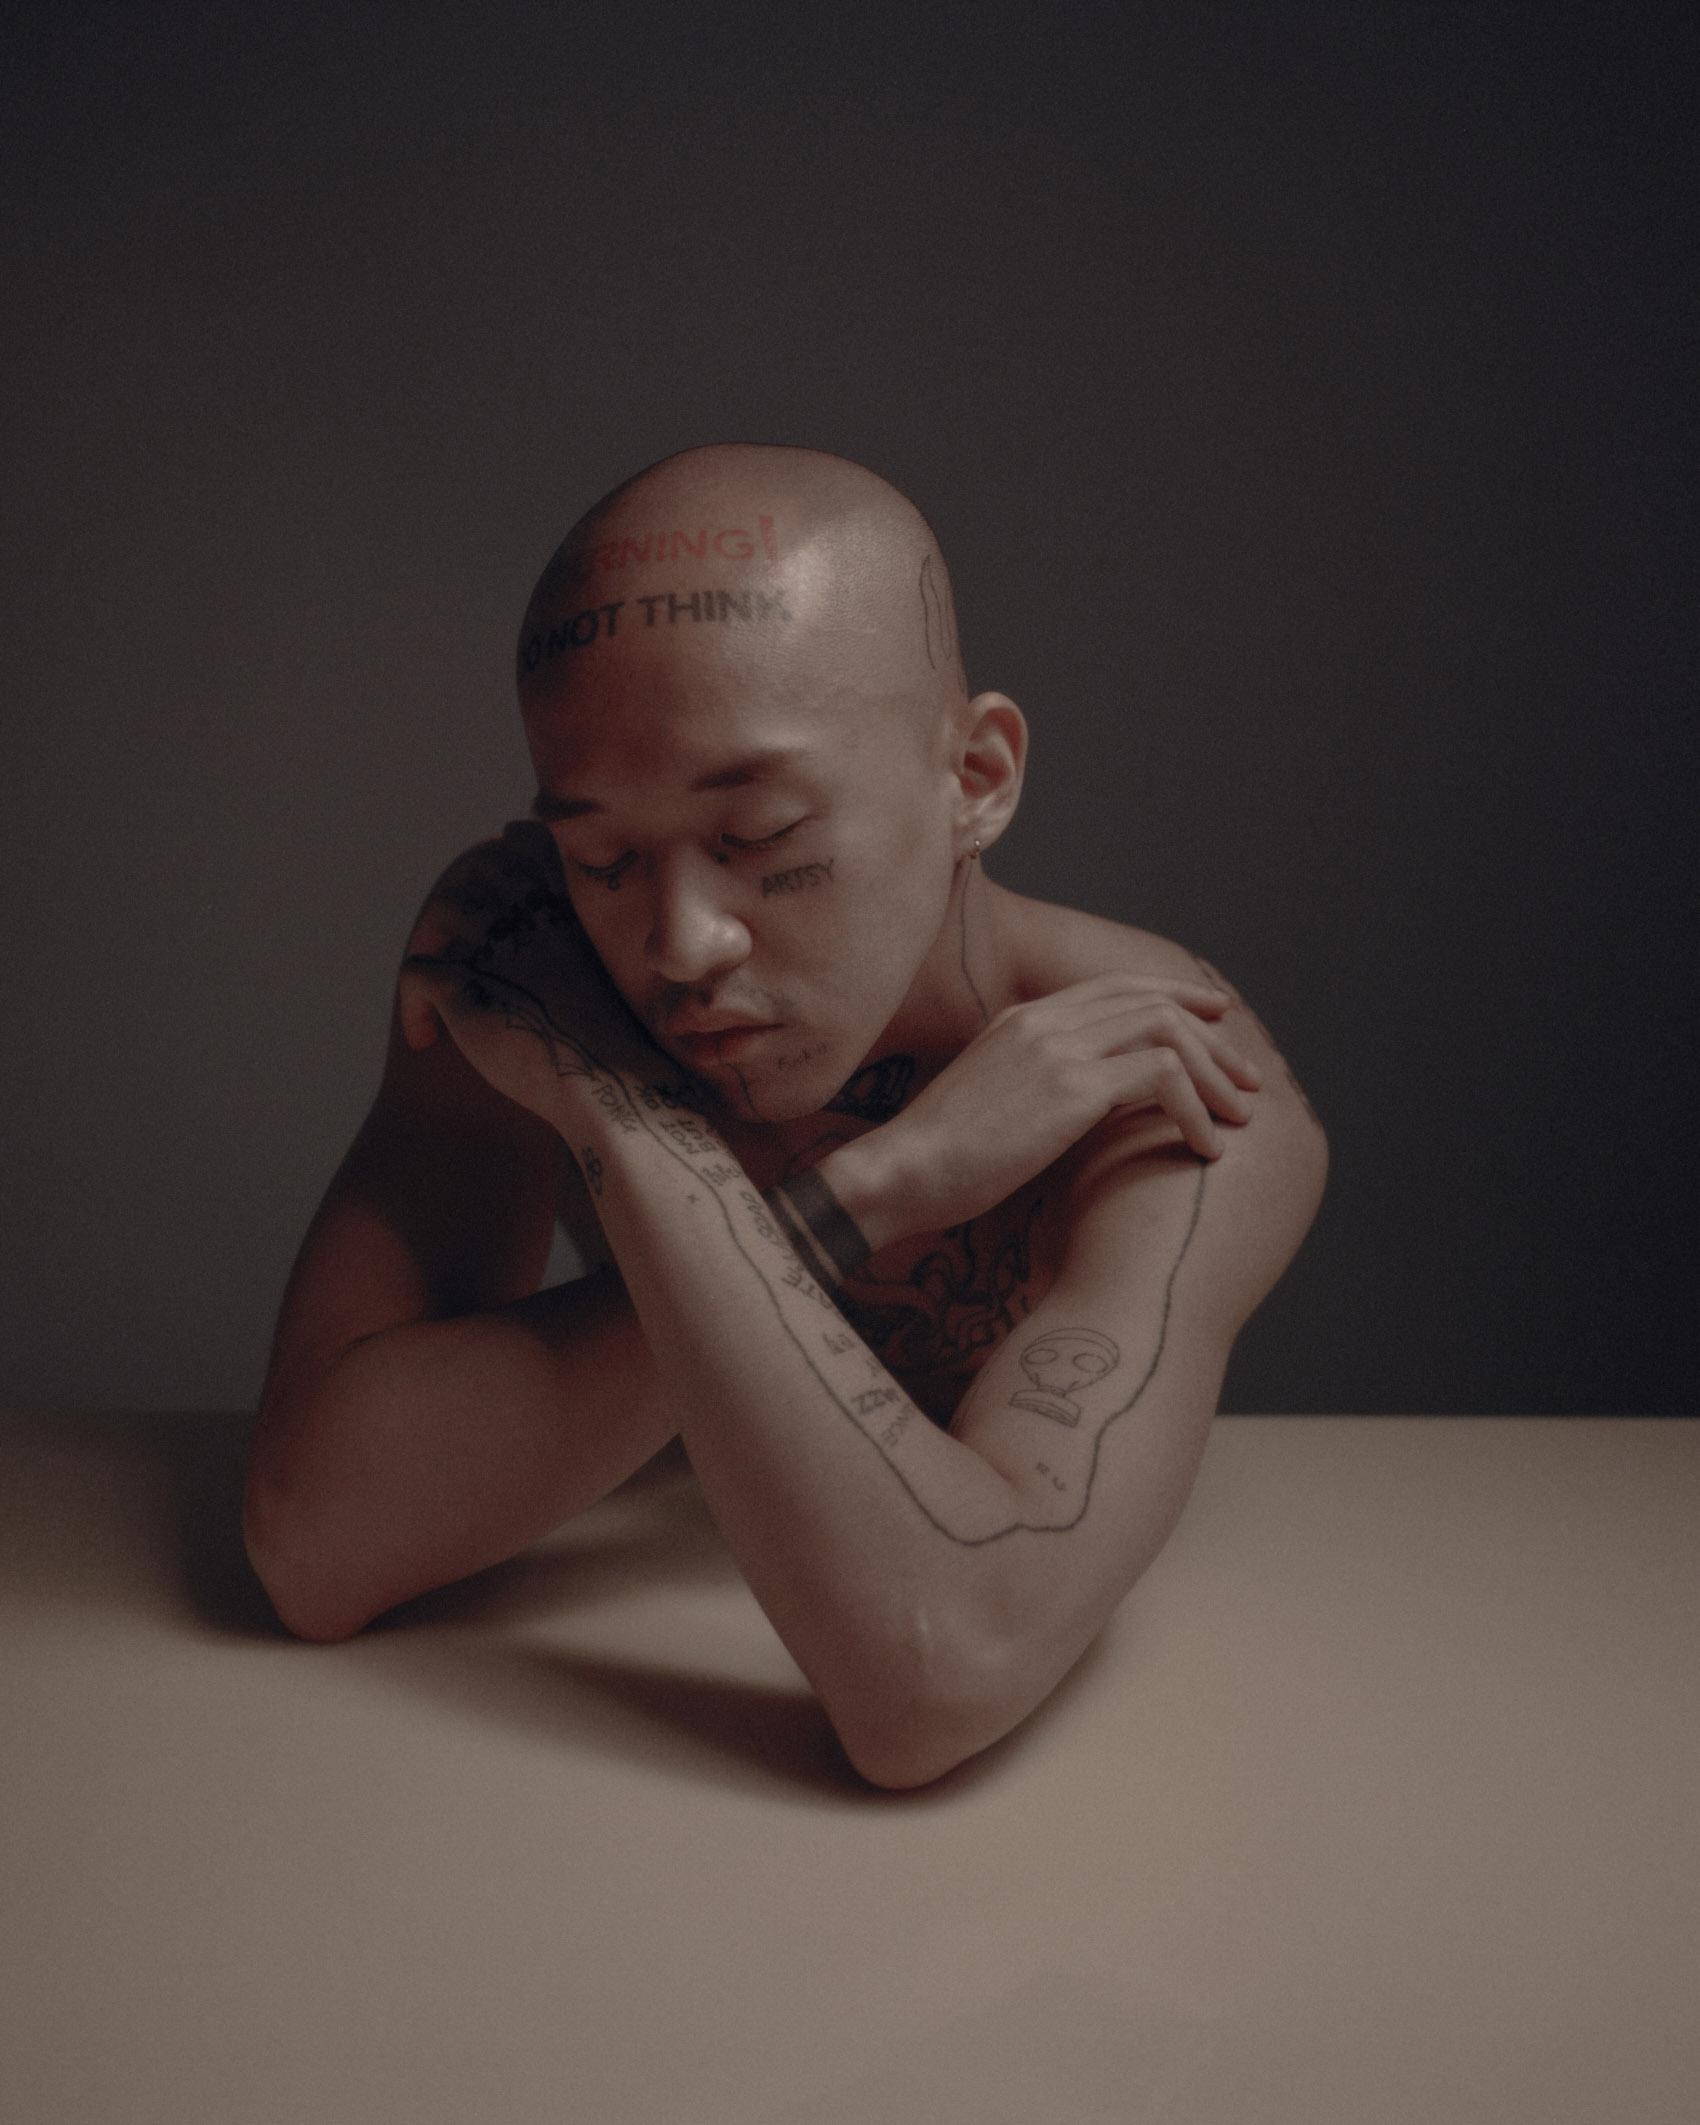 Portrait photographique d'une personne tatouée, gagnant du concours People